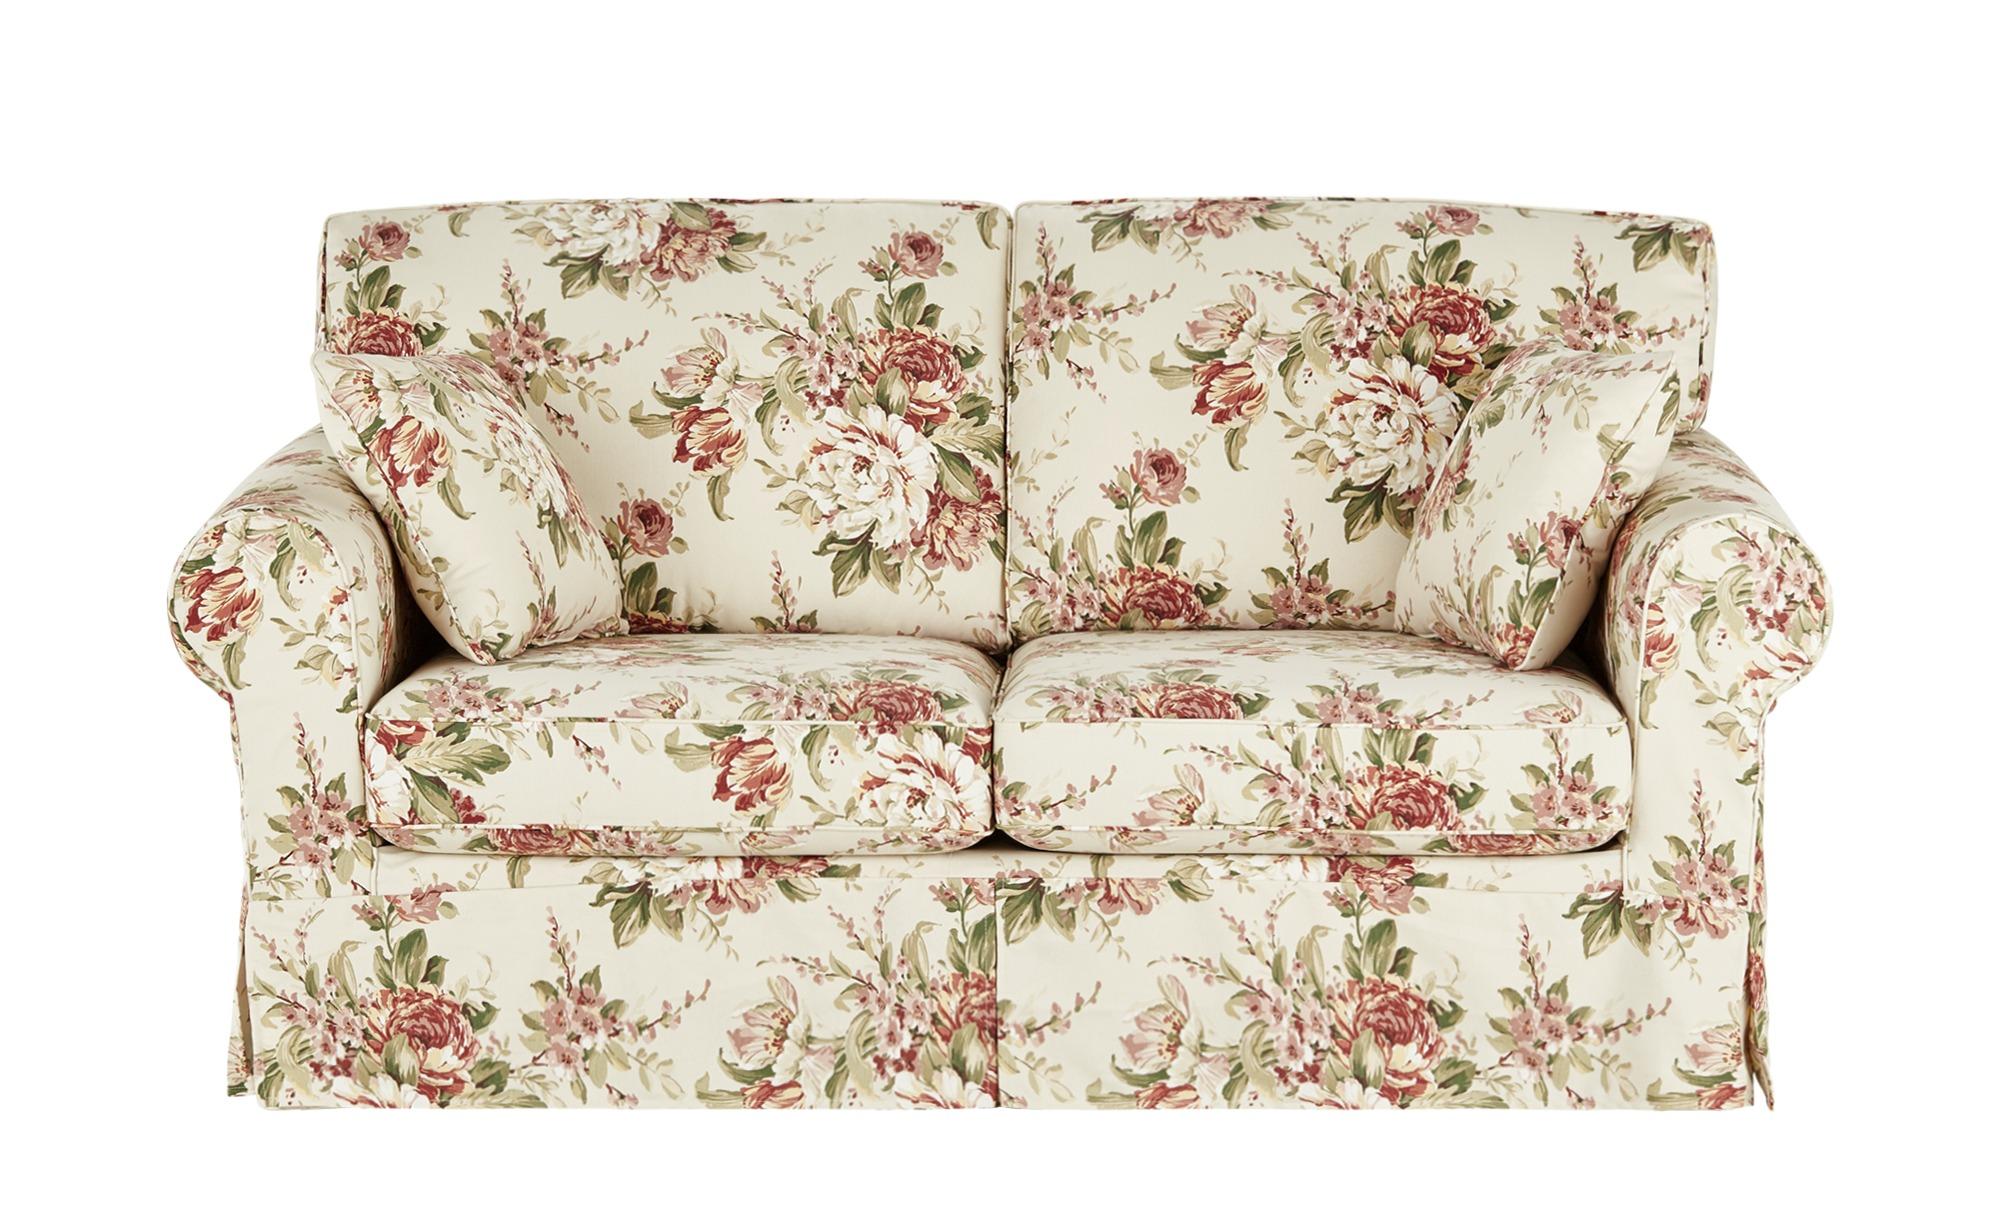 SOHO Sofa 2,5-sitzig mit Husse creme/rosa - Webstoff Chaneel ¦ mehrfarbig ¦ Maße (cm): B: 180 H: 94 T: 92 Polstermöbel > Sofas > Einzelsofas - Höffner